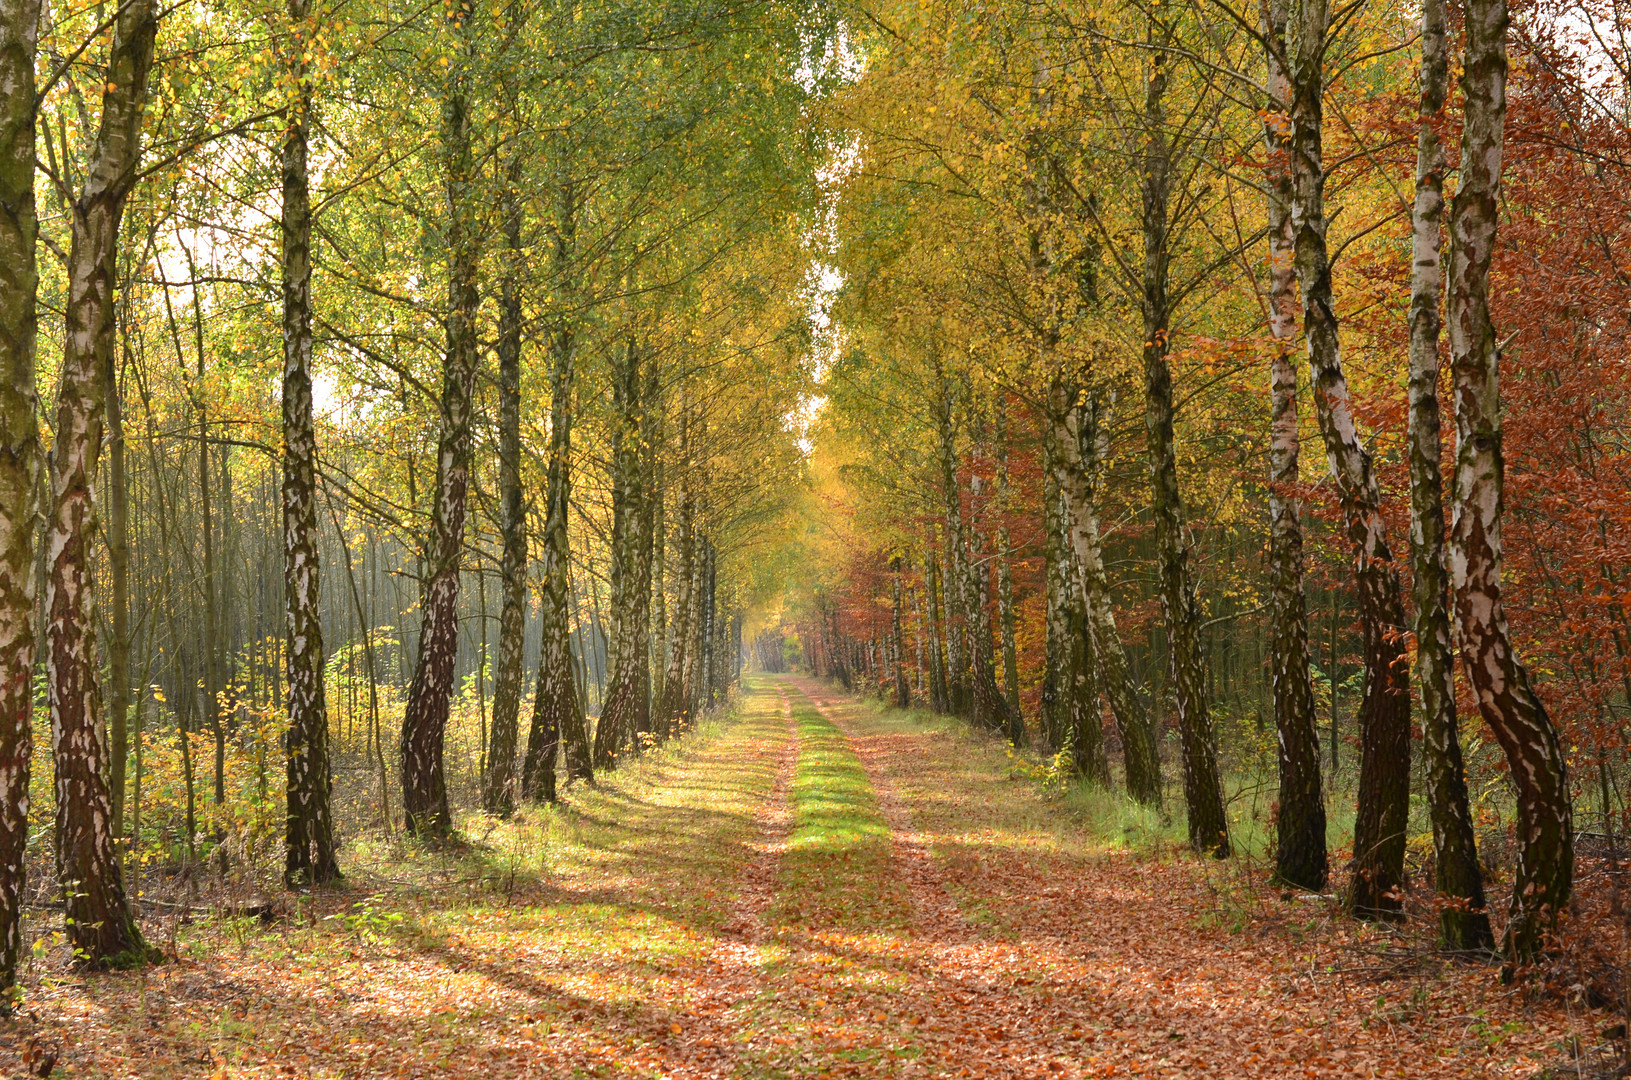 Herbst auf der Wiedfelder Höhe